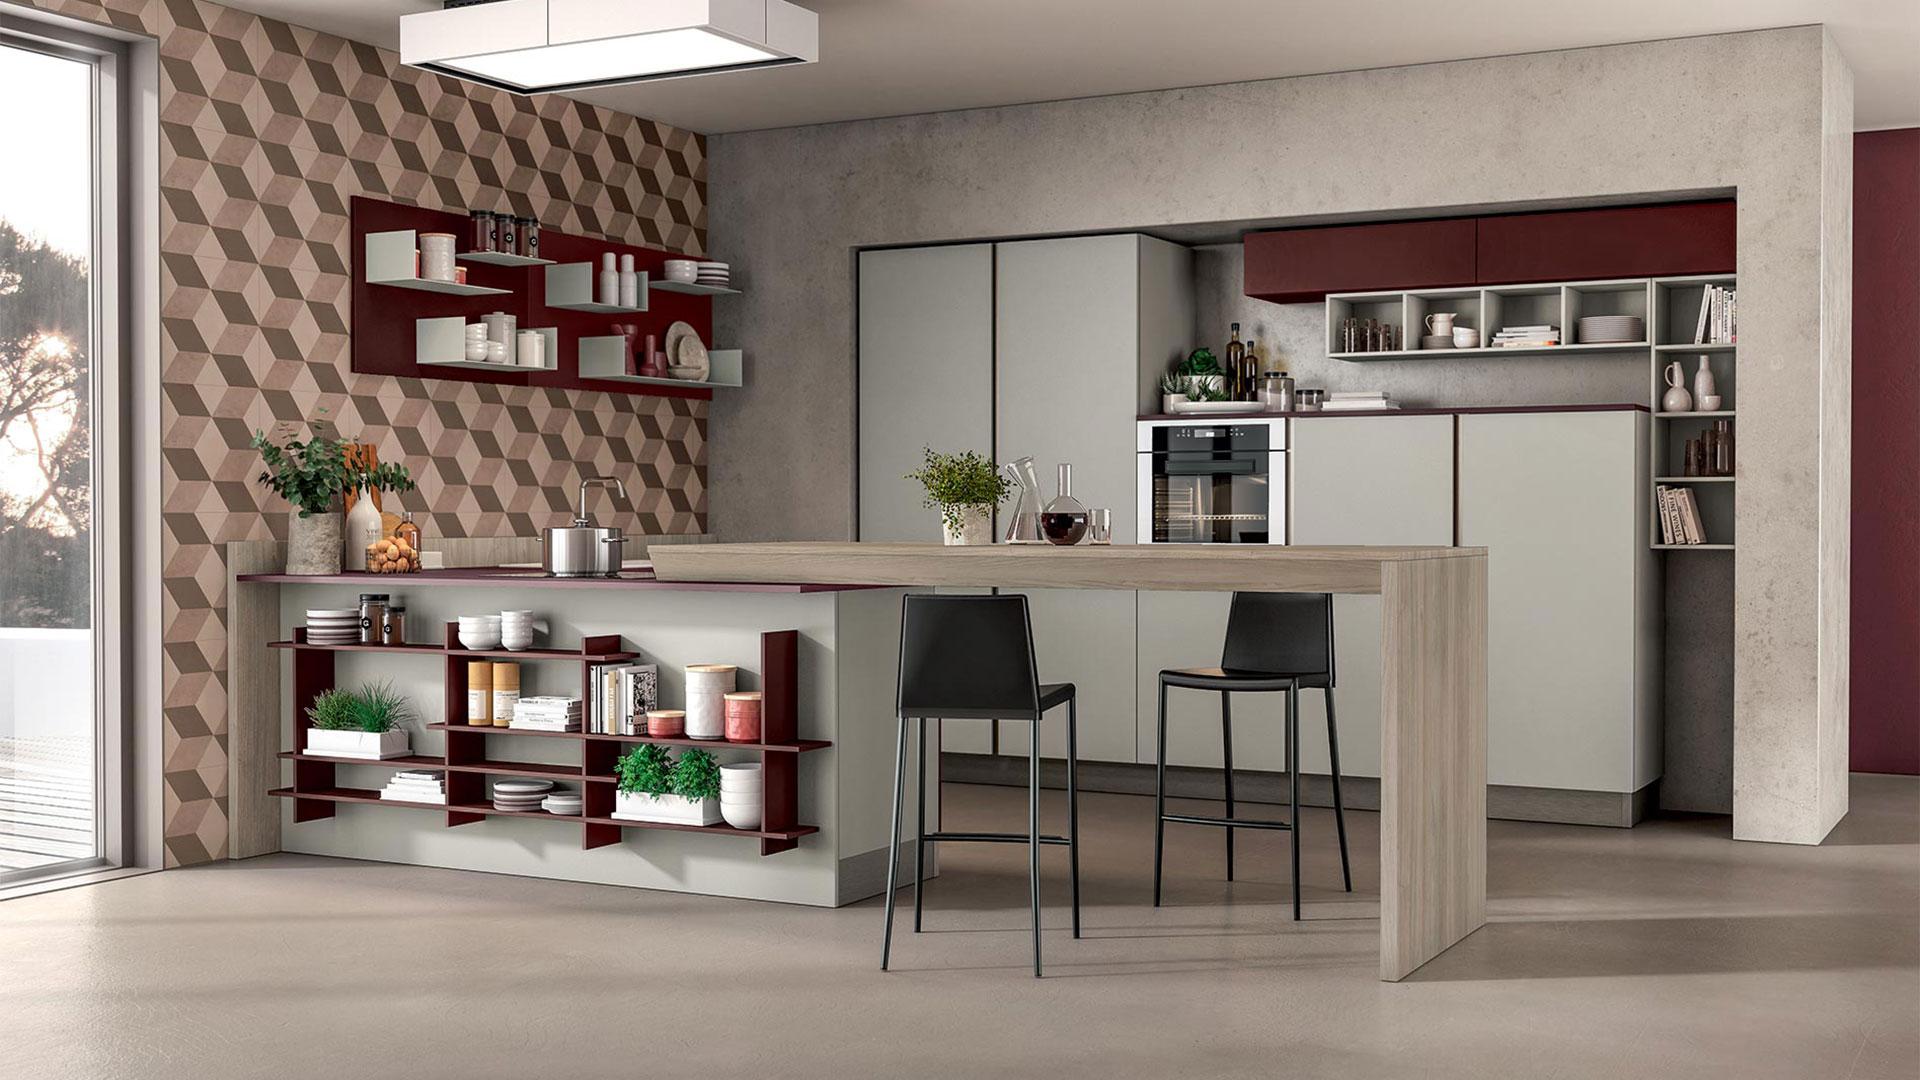 Cucine Moderne Con Tavolo A Scomparsa.Penisole E Sostegni Cucine Lube